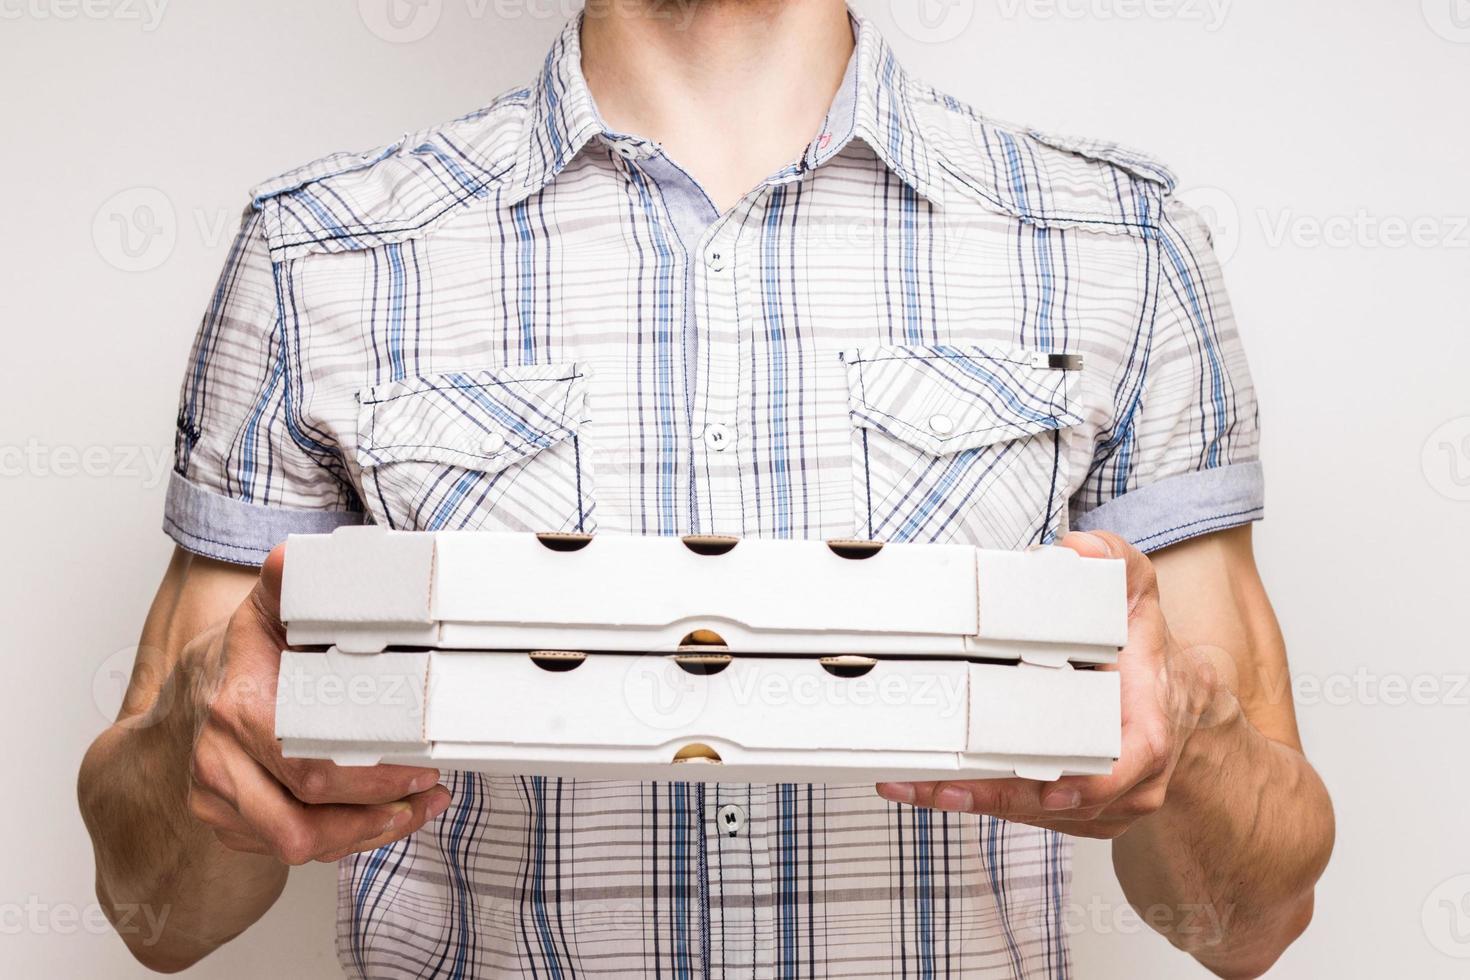 aqui está sua pizza. foto